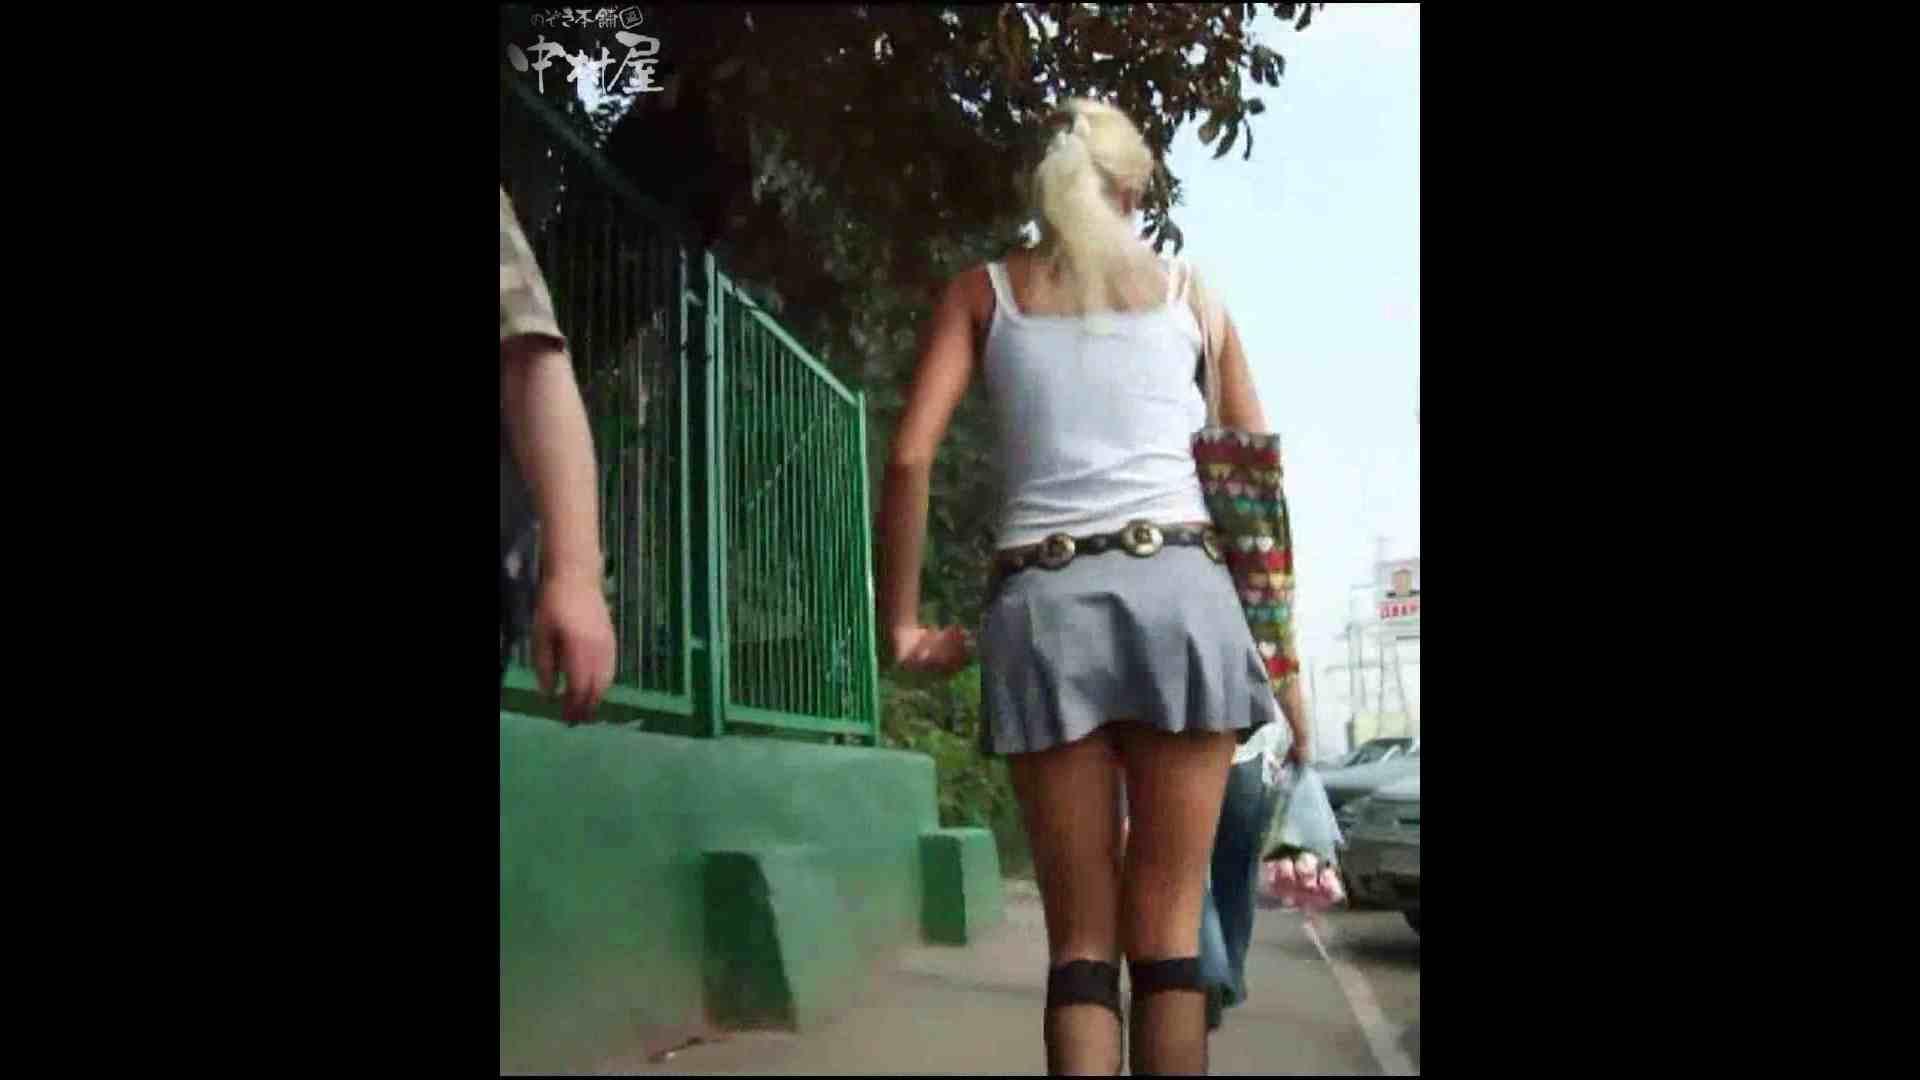 綺麗なモデルさんのスカート捲っちゃおう‼ vol25 モデル AV無料動画キャプチャ 62連発 32